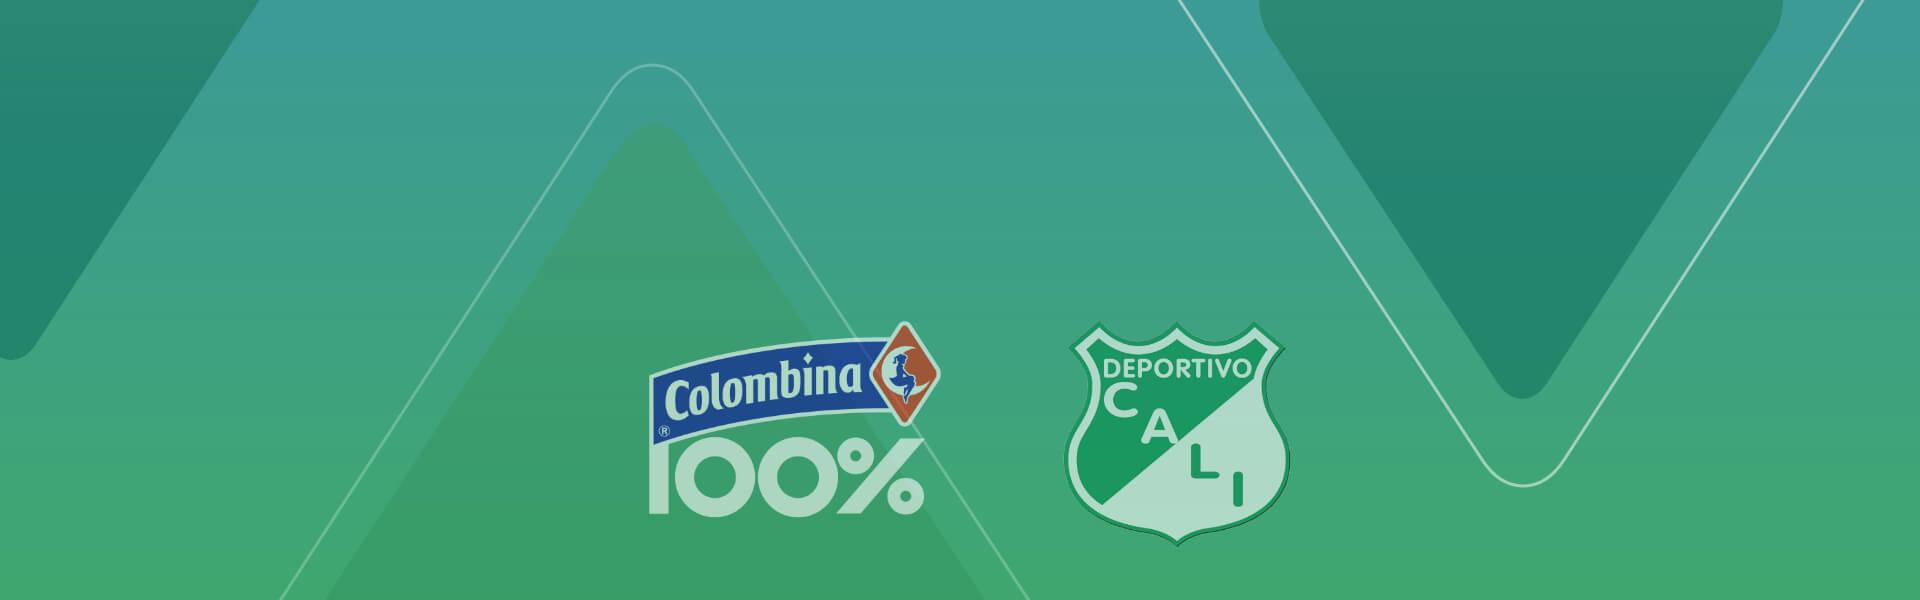 Colombina S.A. y el Deportivo Cali se unen en una alianza 100% ganadora